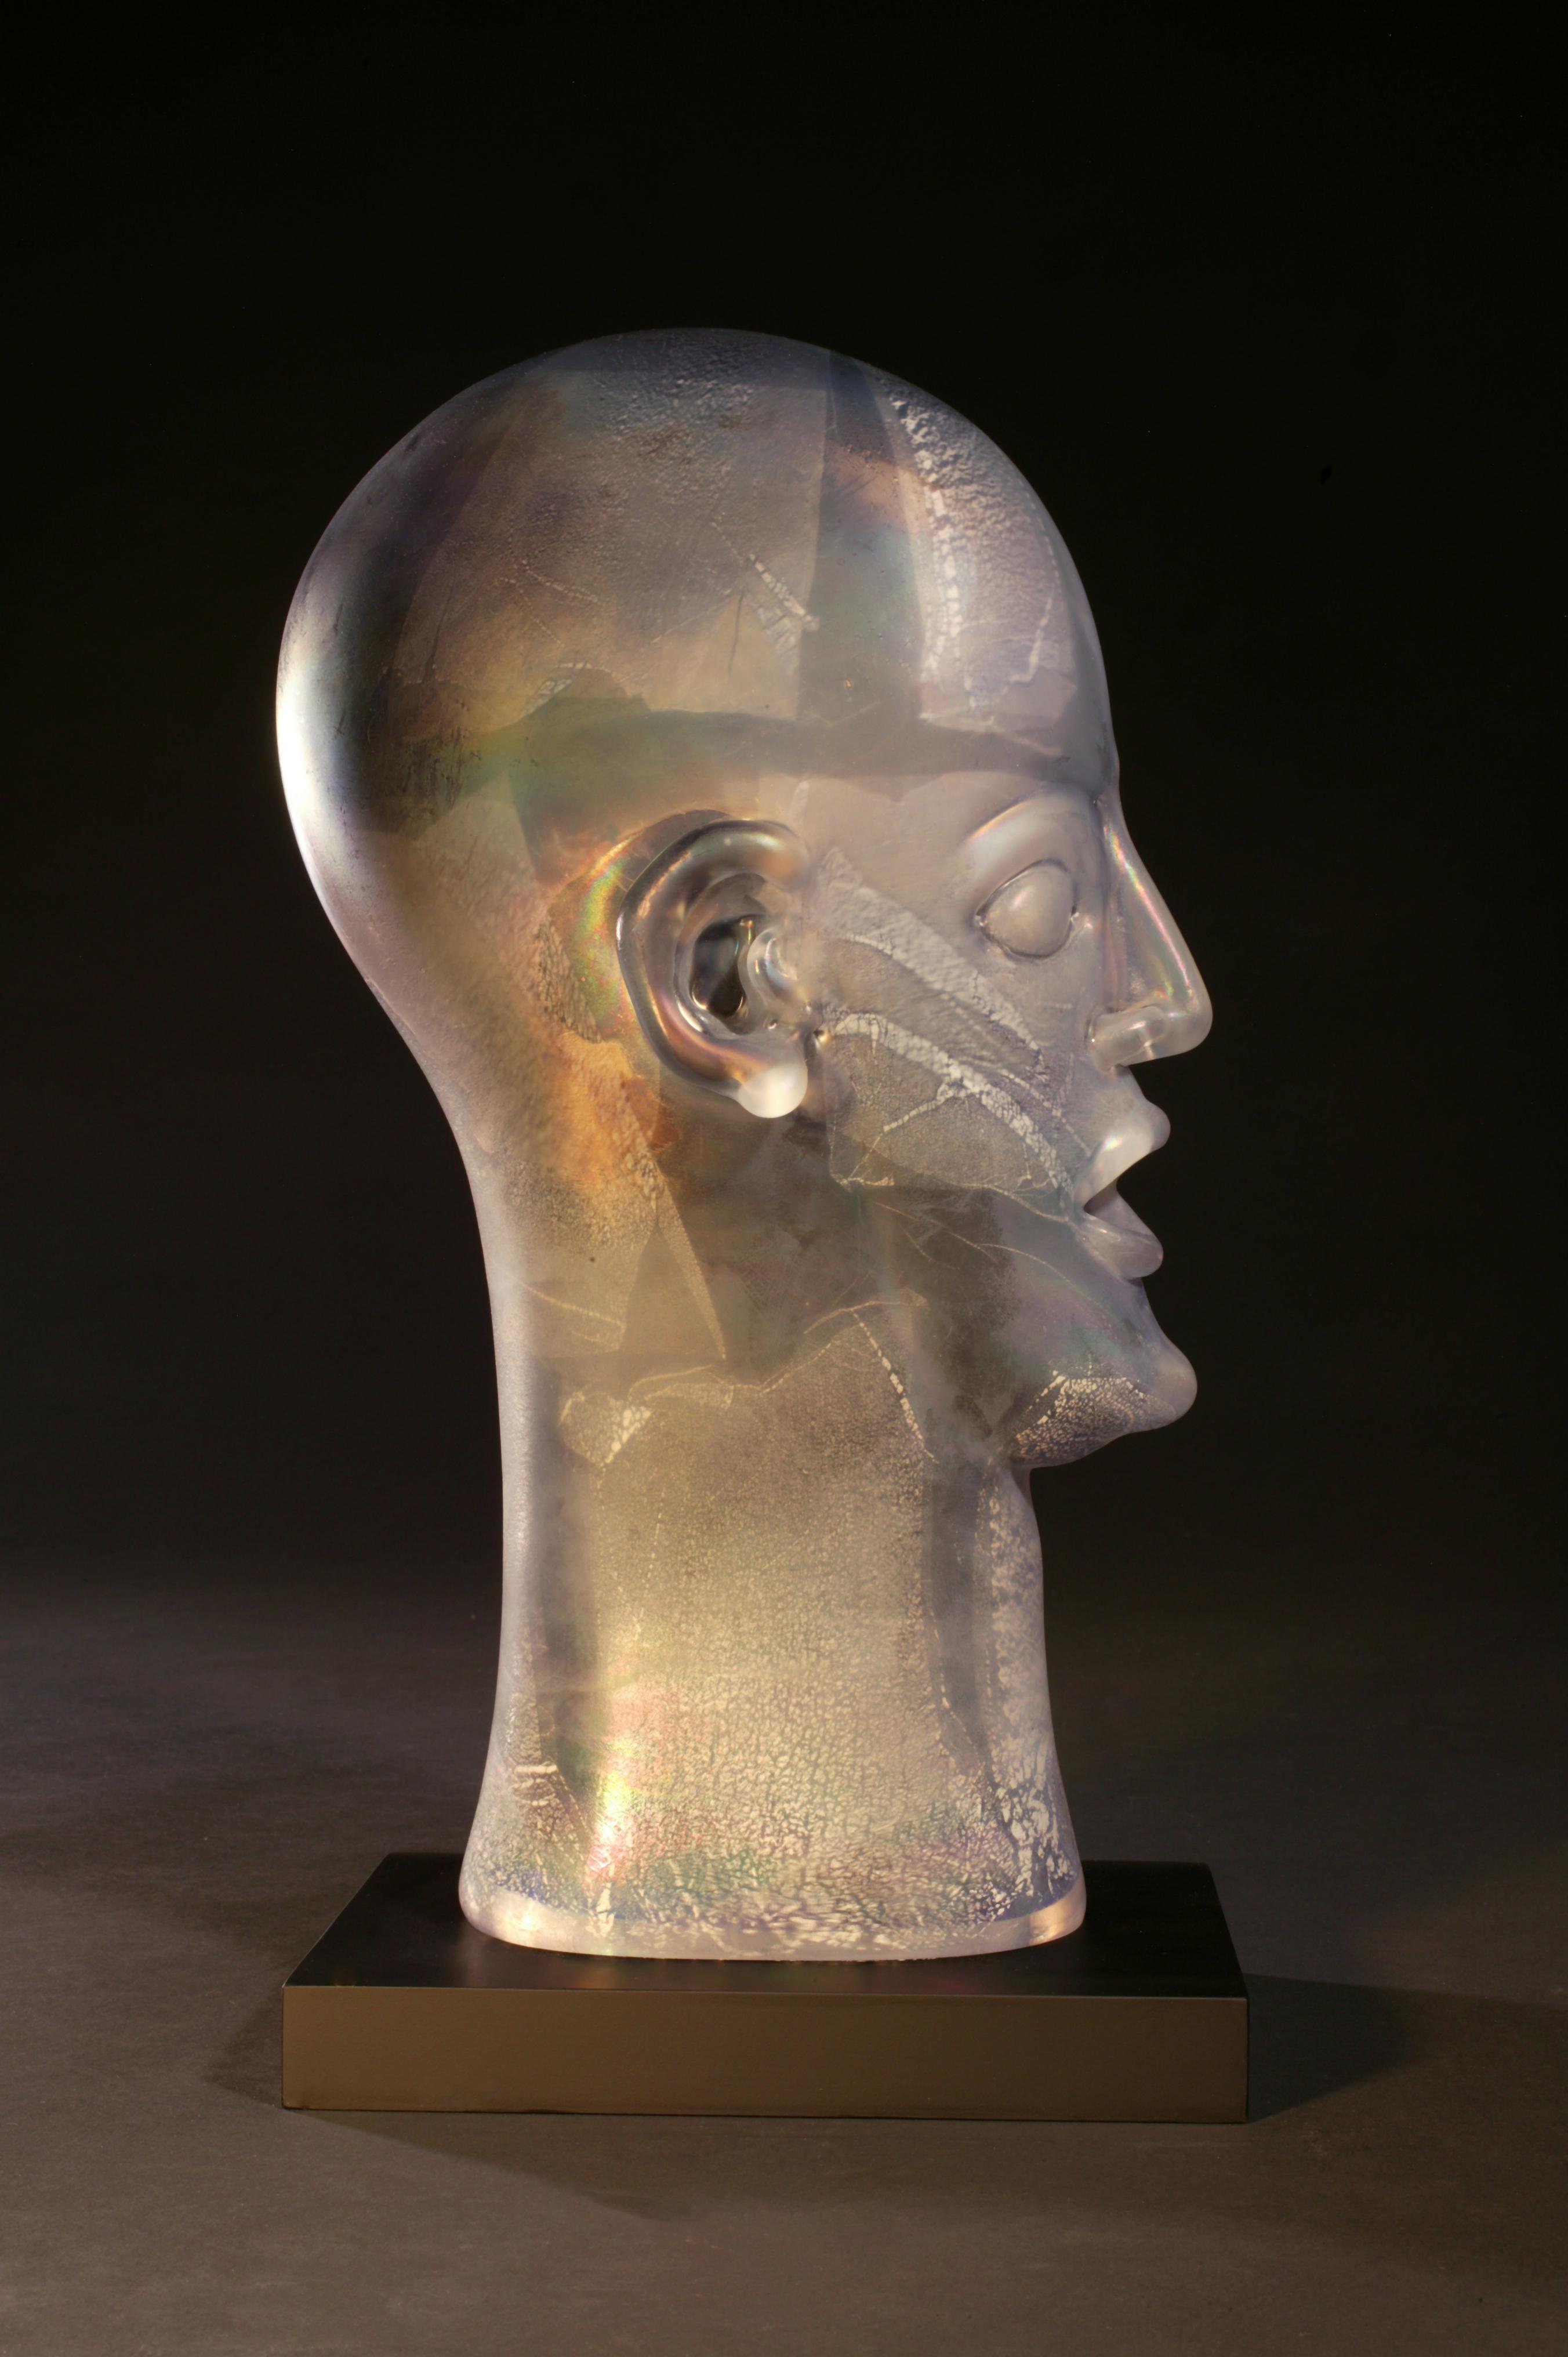 SILVER GREY IRIDESCENT BUST - figurative blown glass sculpture